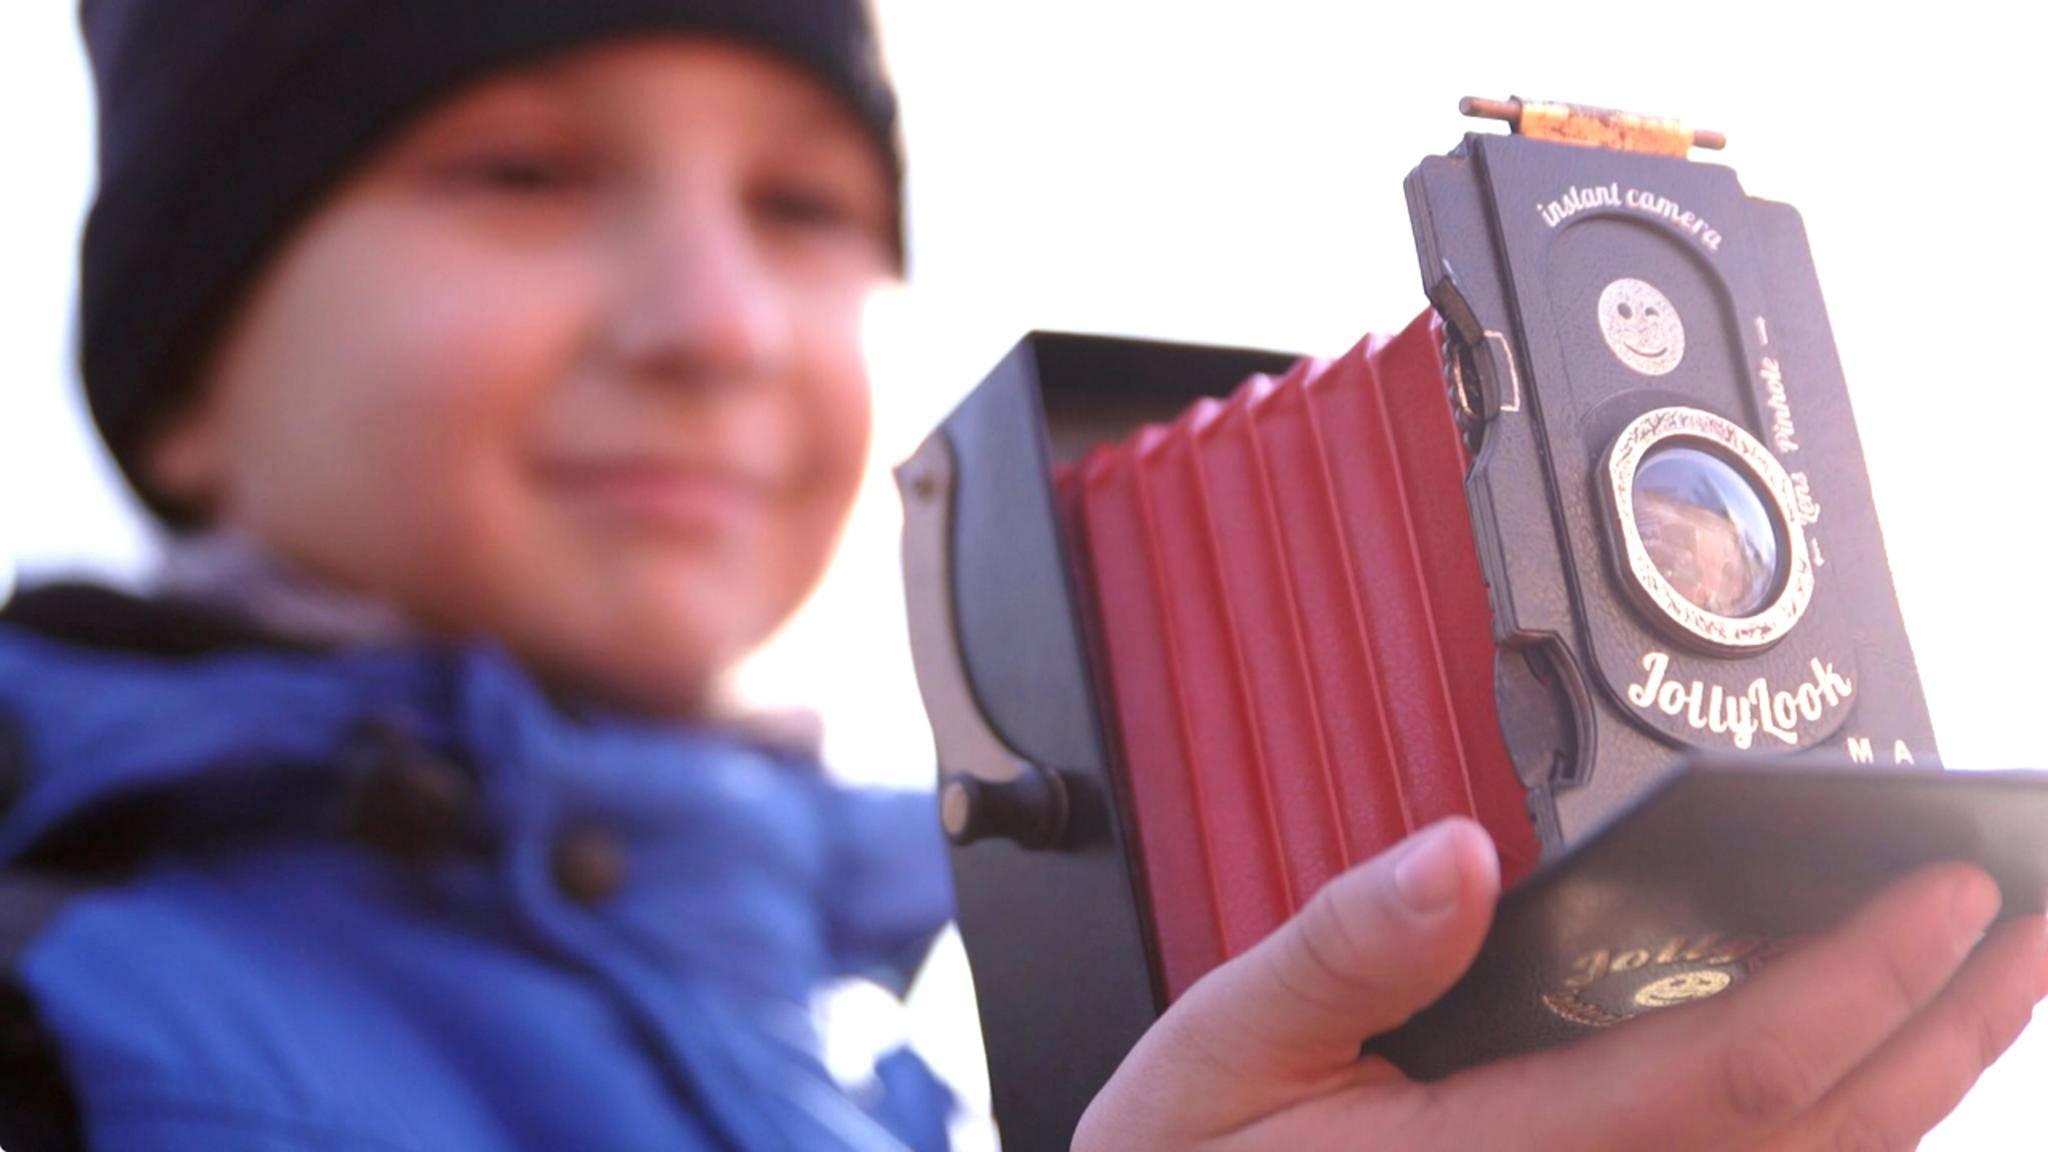 Die Pappkamera Jollylook sieht stylish aus und macht, was sie soll: analoge Retro-Fotos.